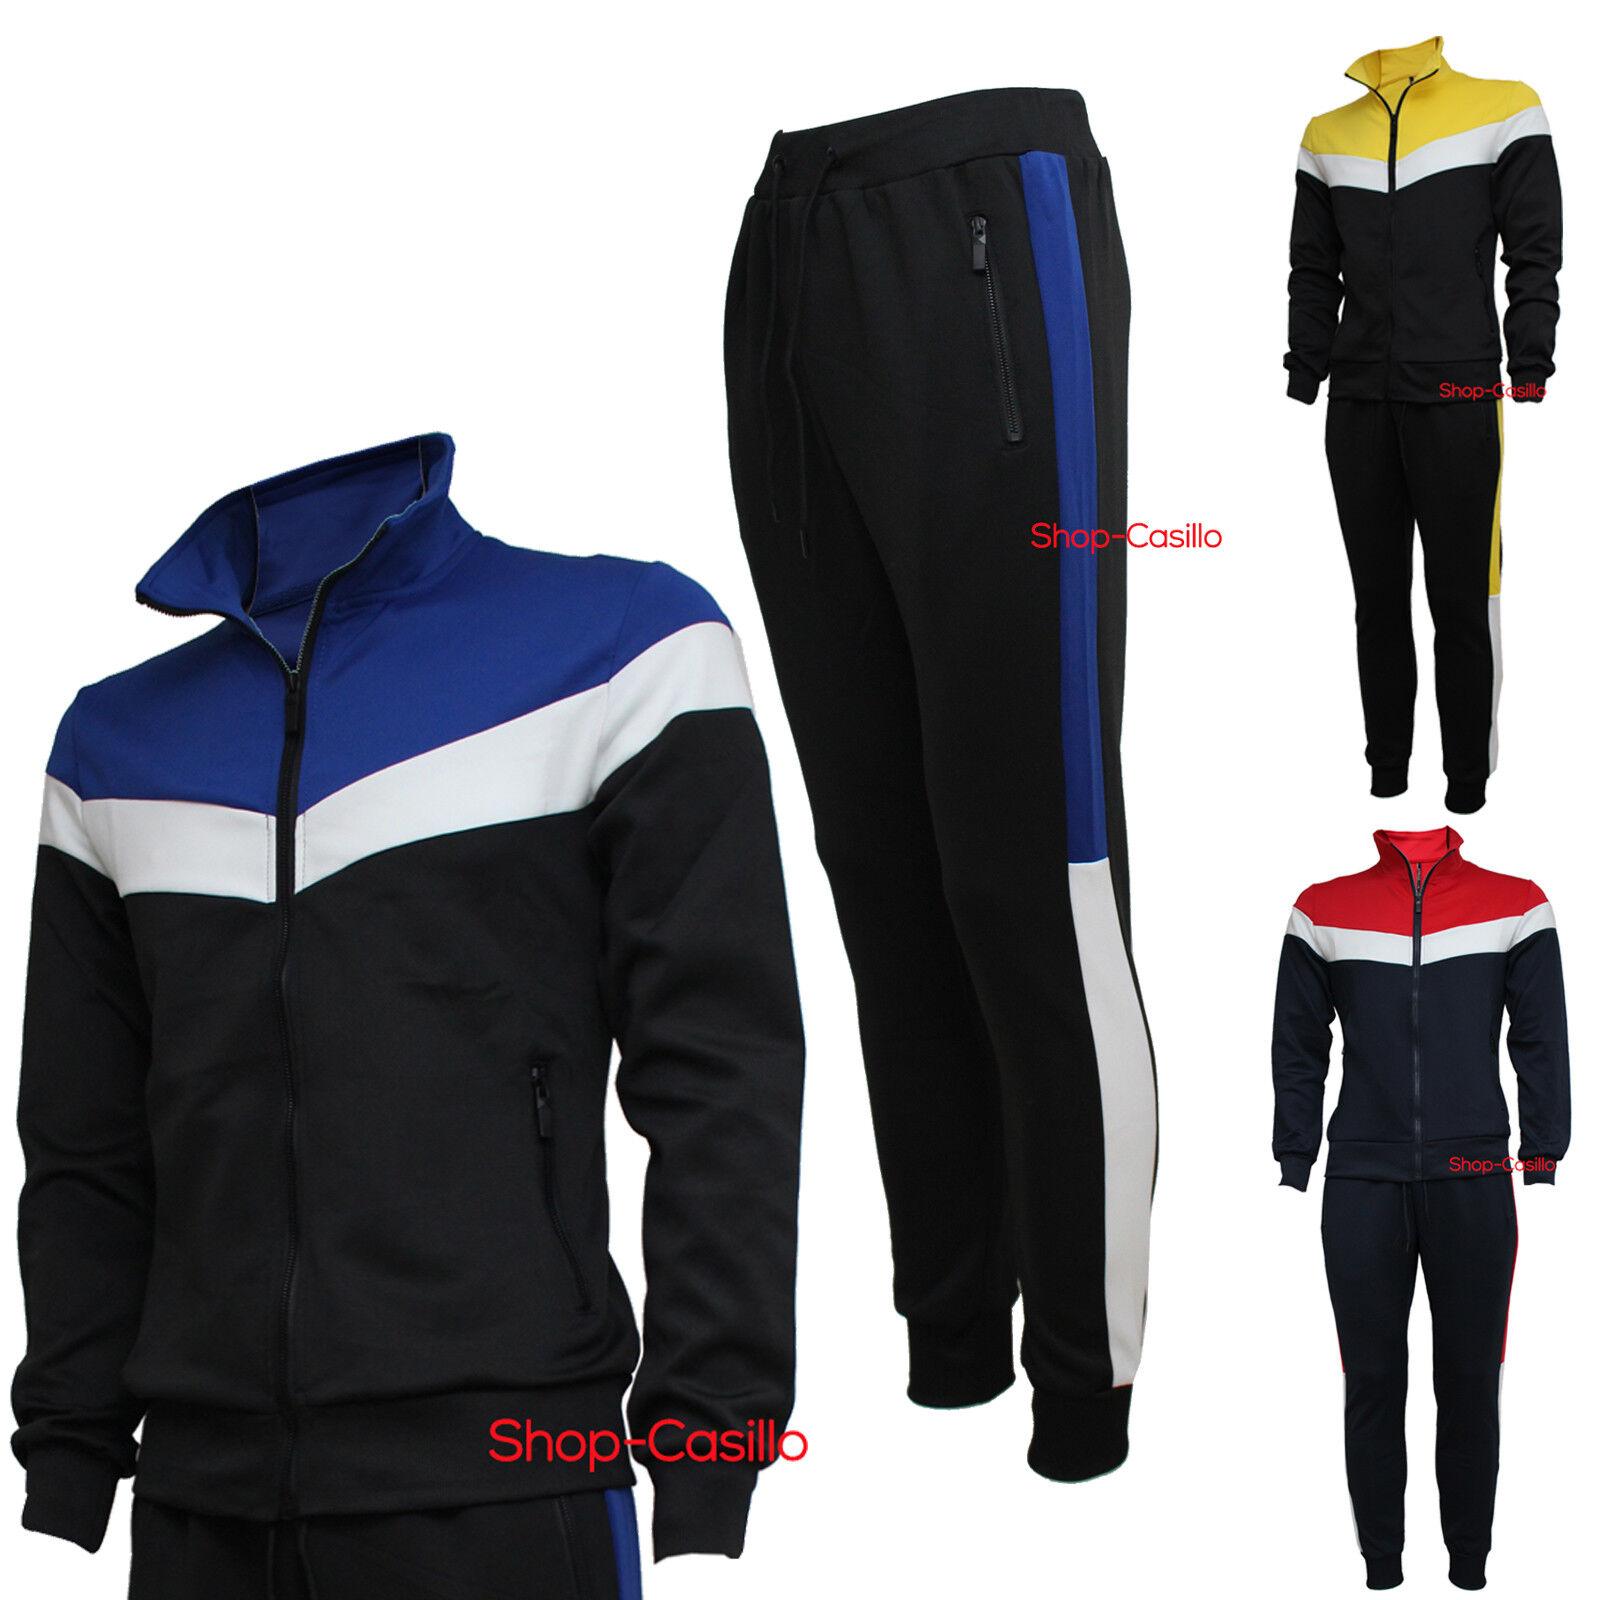 Tuta men Acetata S M L XL XXL Felpa Aperta Pantalone Sport Fitness Corsa Palest